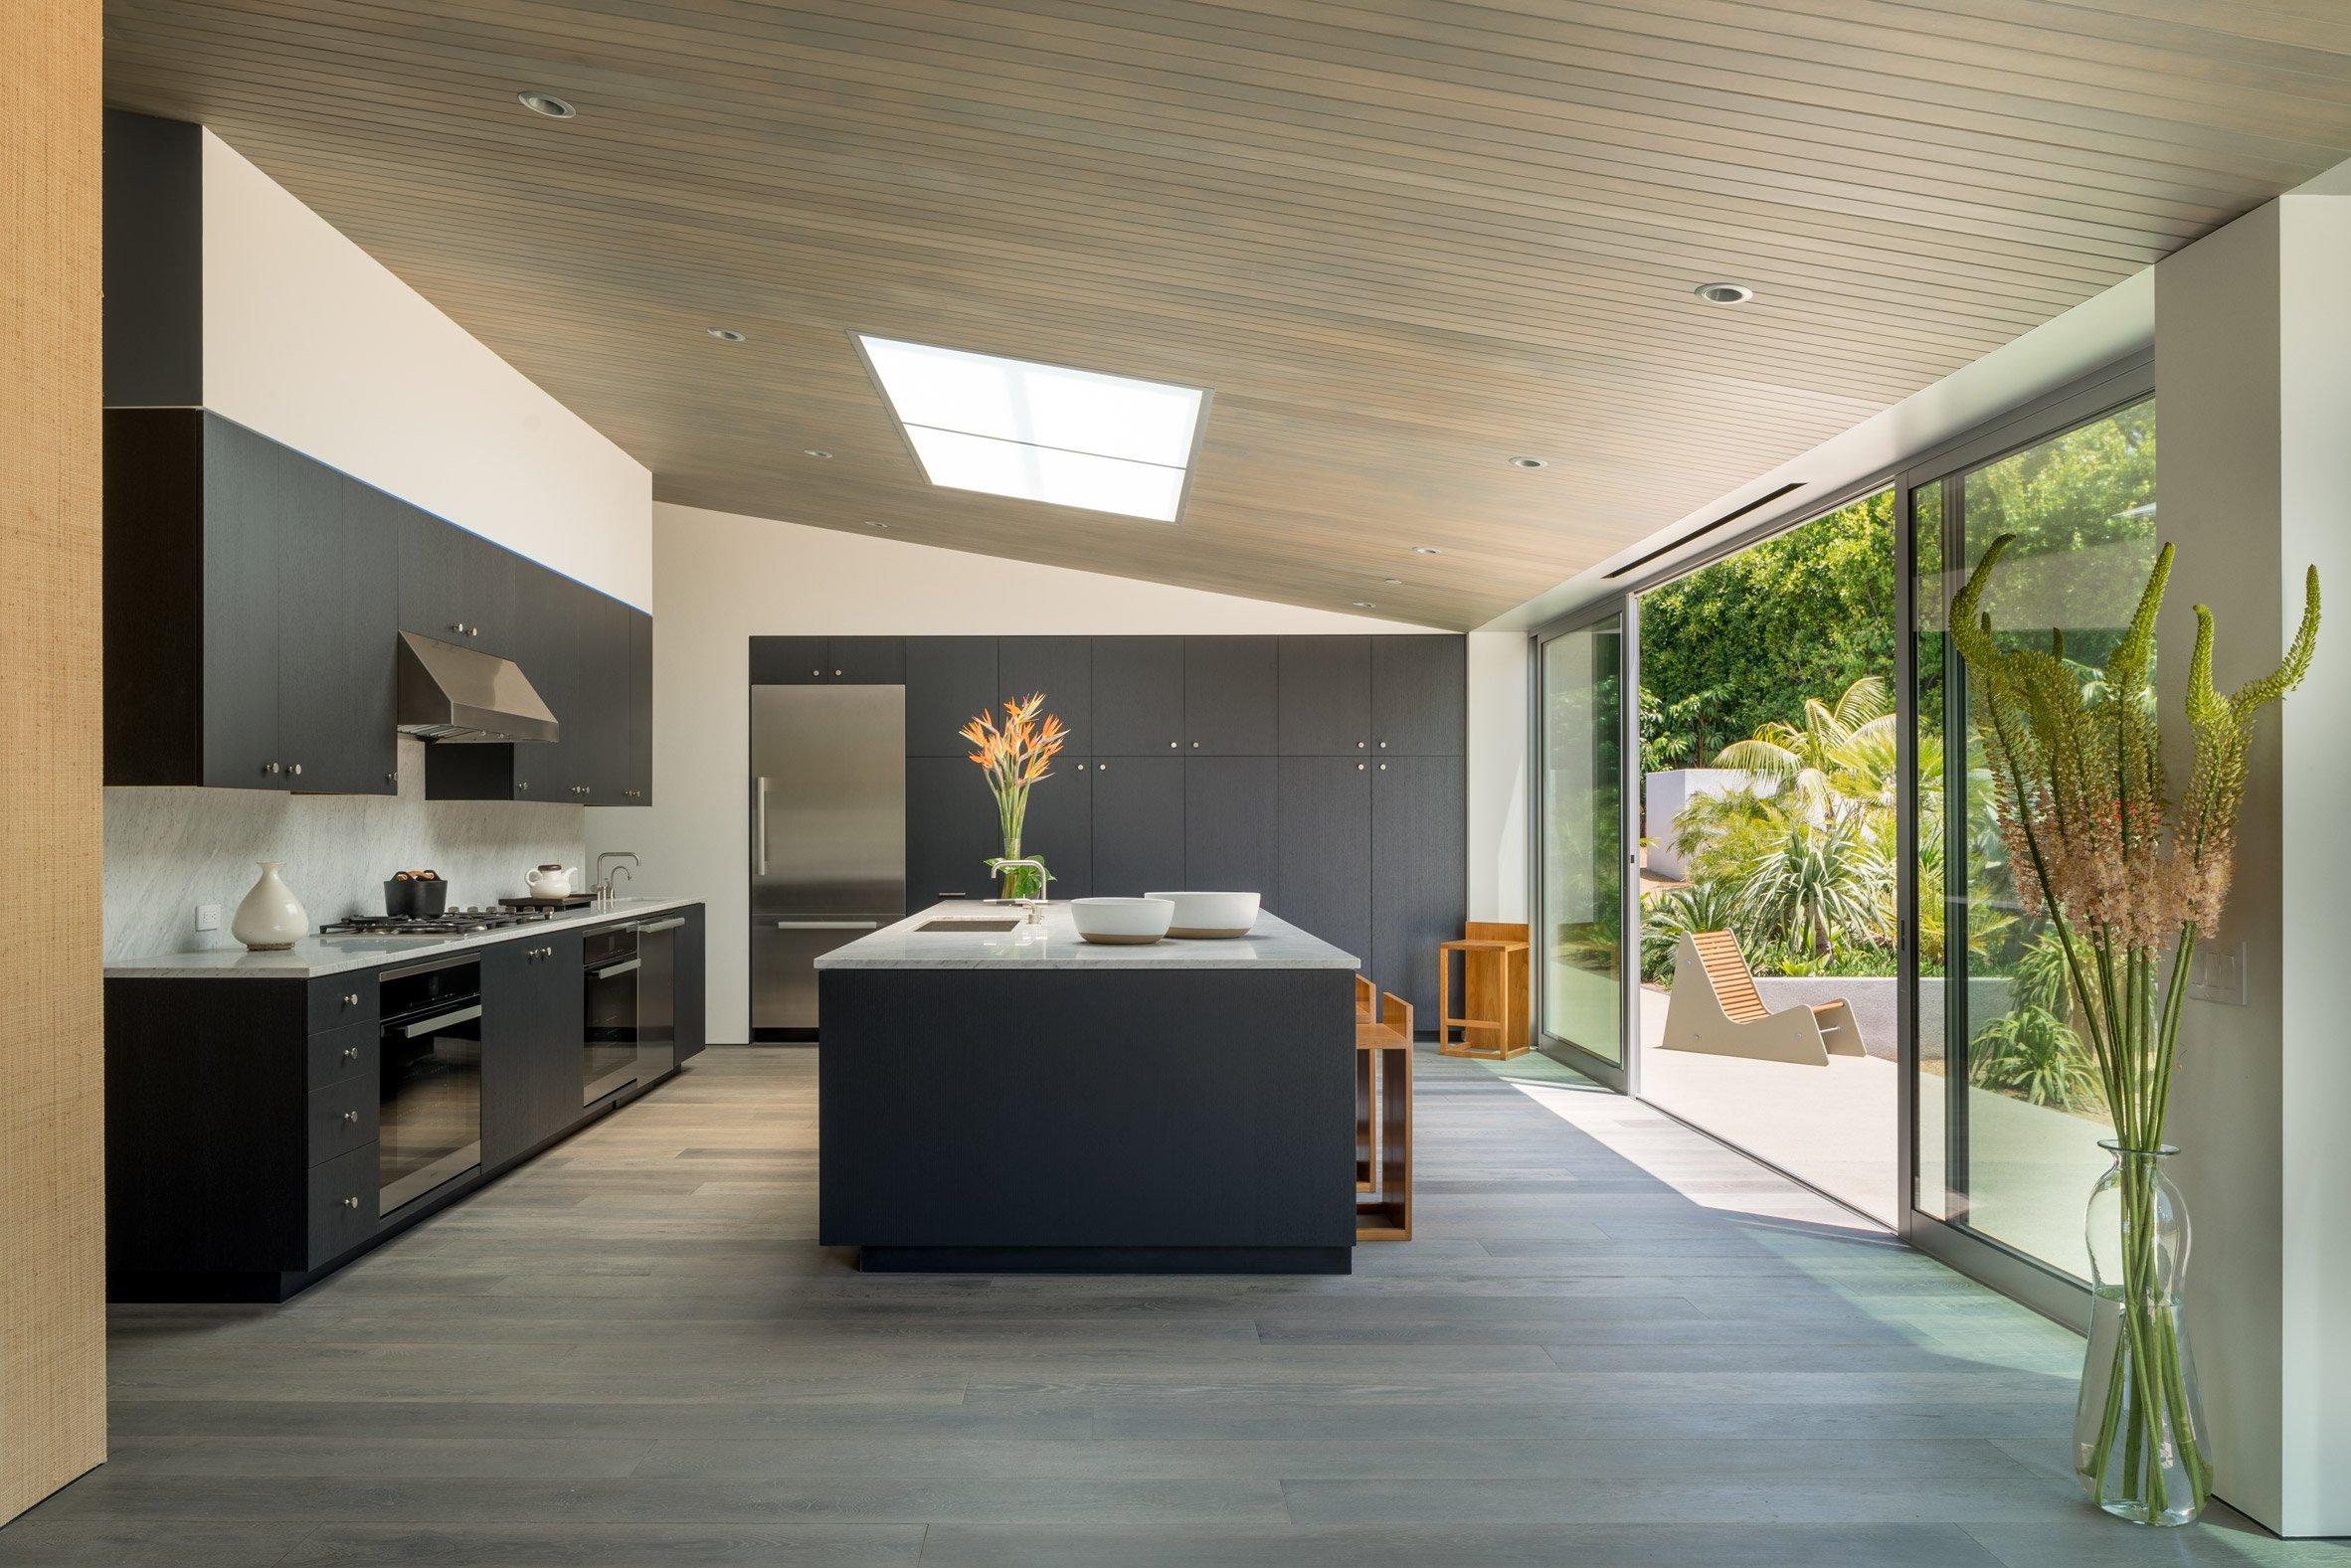 ... e uma cozinha bem simples, mas funcional